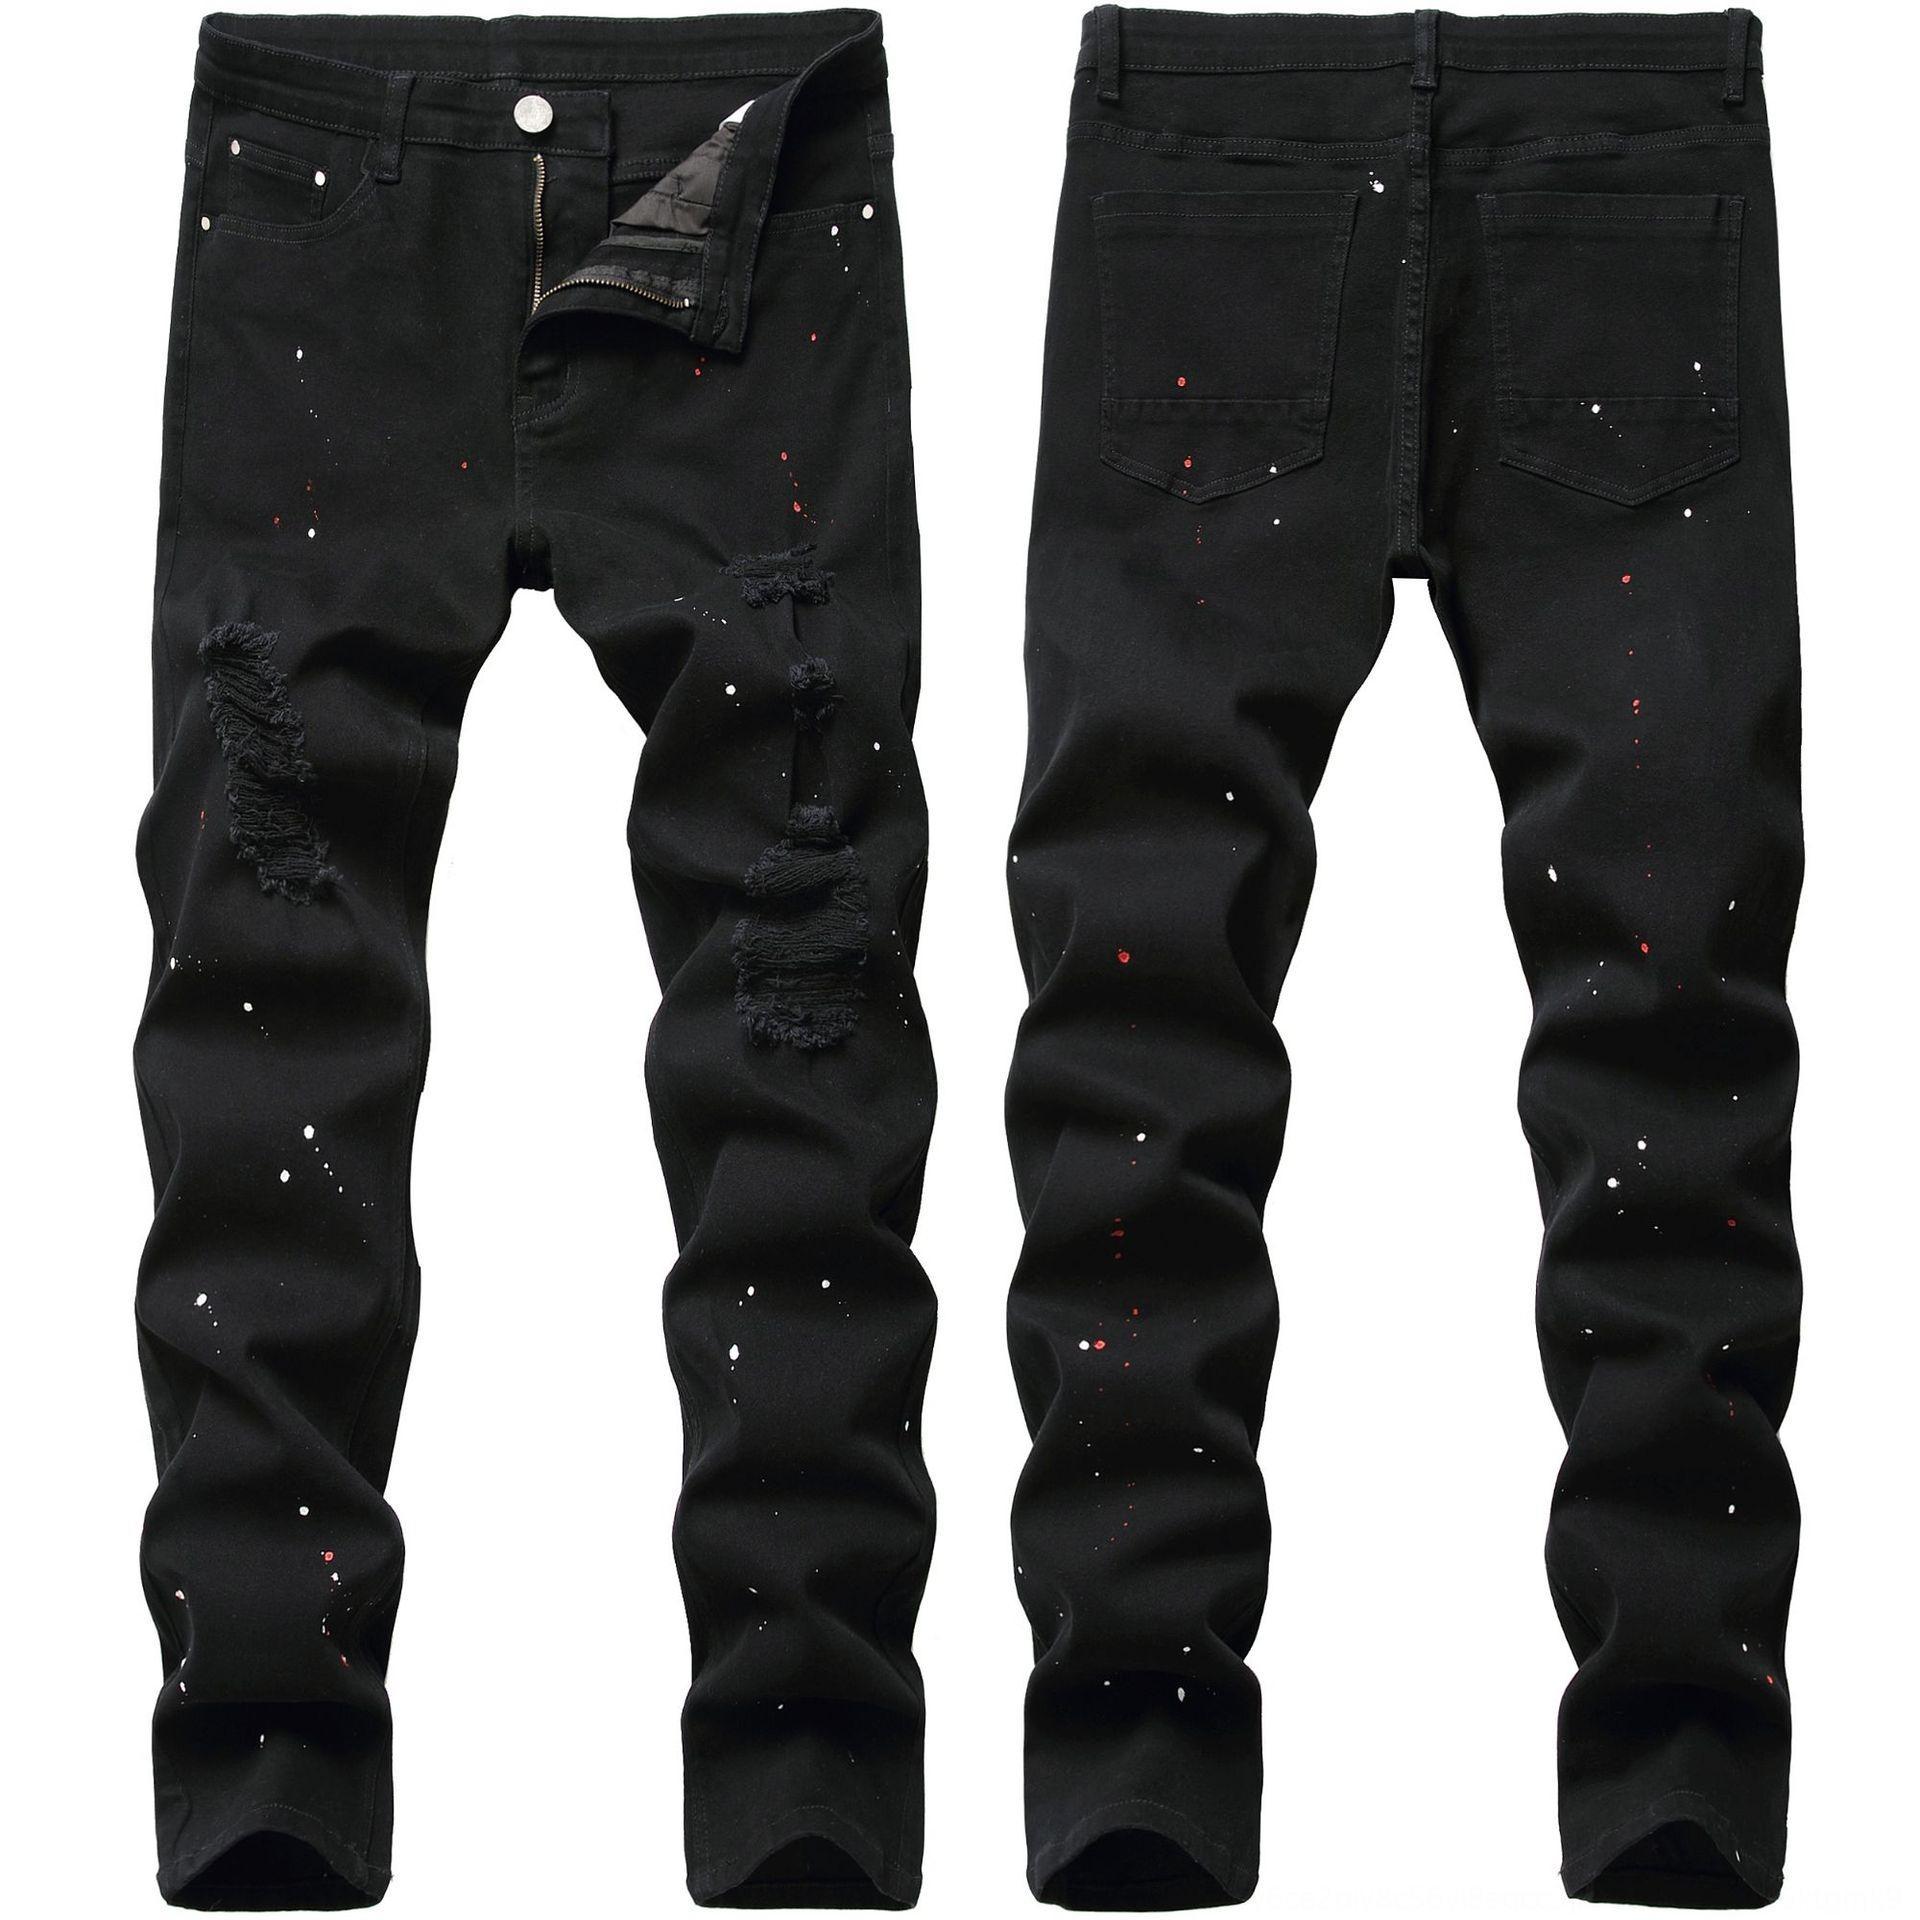 Noir nouveau jeans 2020 peinture enlever à la mode Jeans et pantalons et pieds pantalons pantalons pour hommes étirent pantalons pour hommes minces de ClNo8